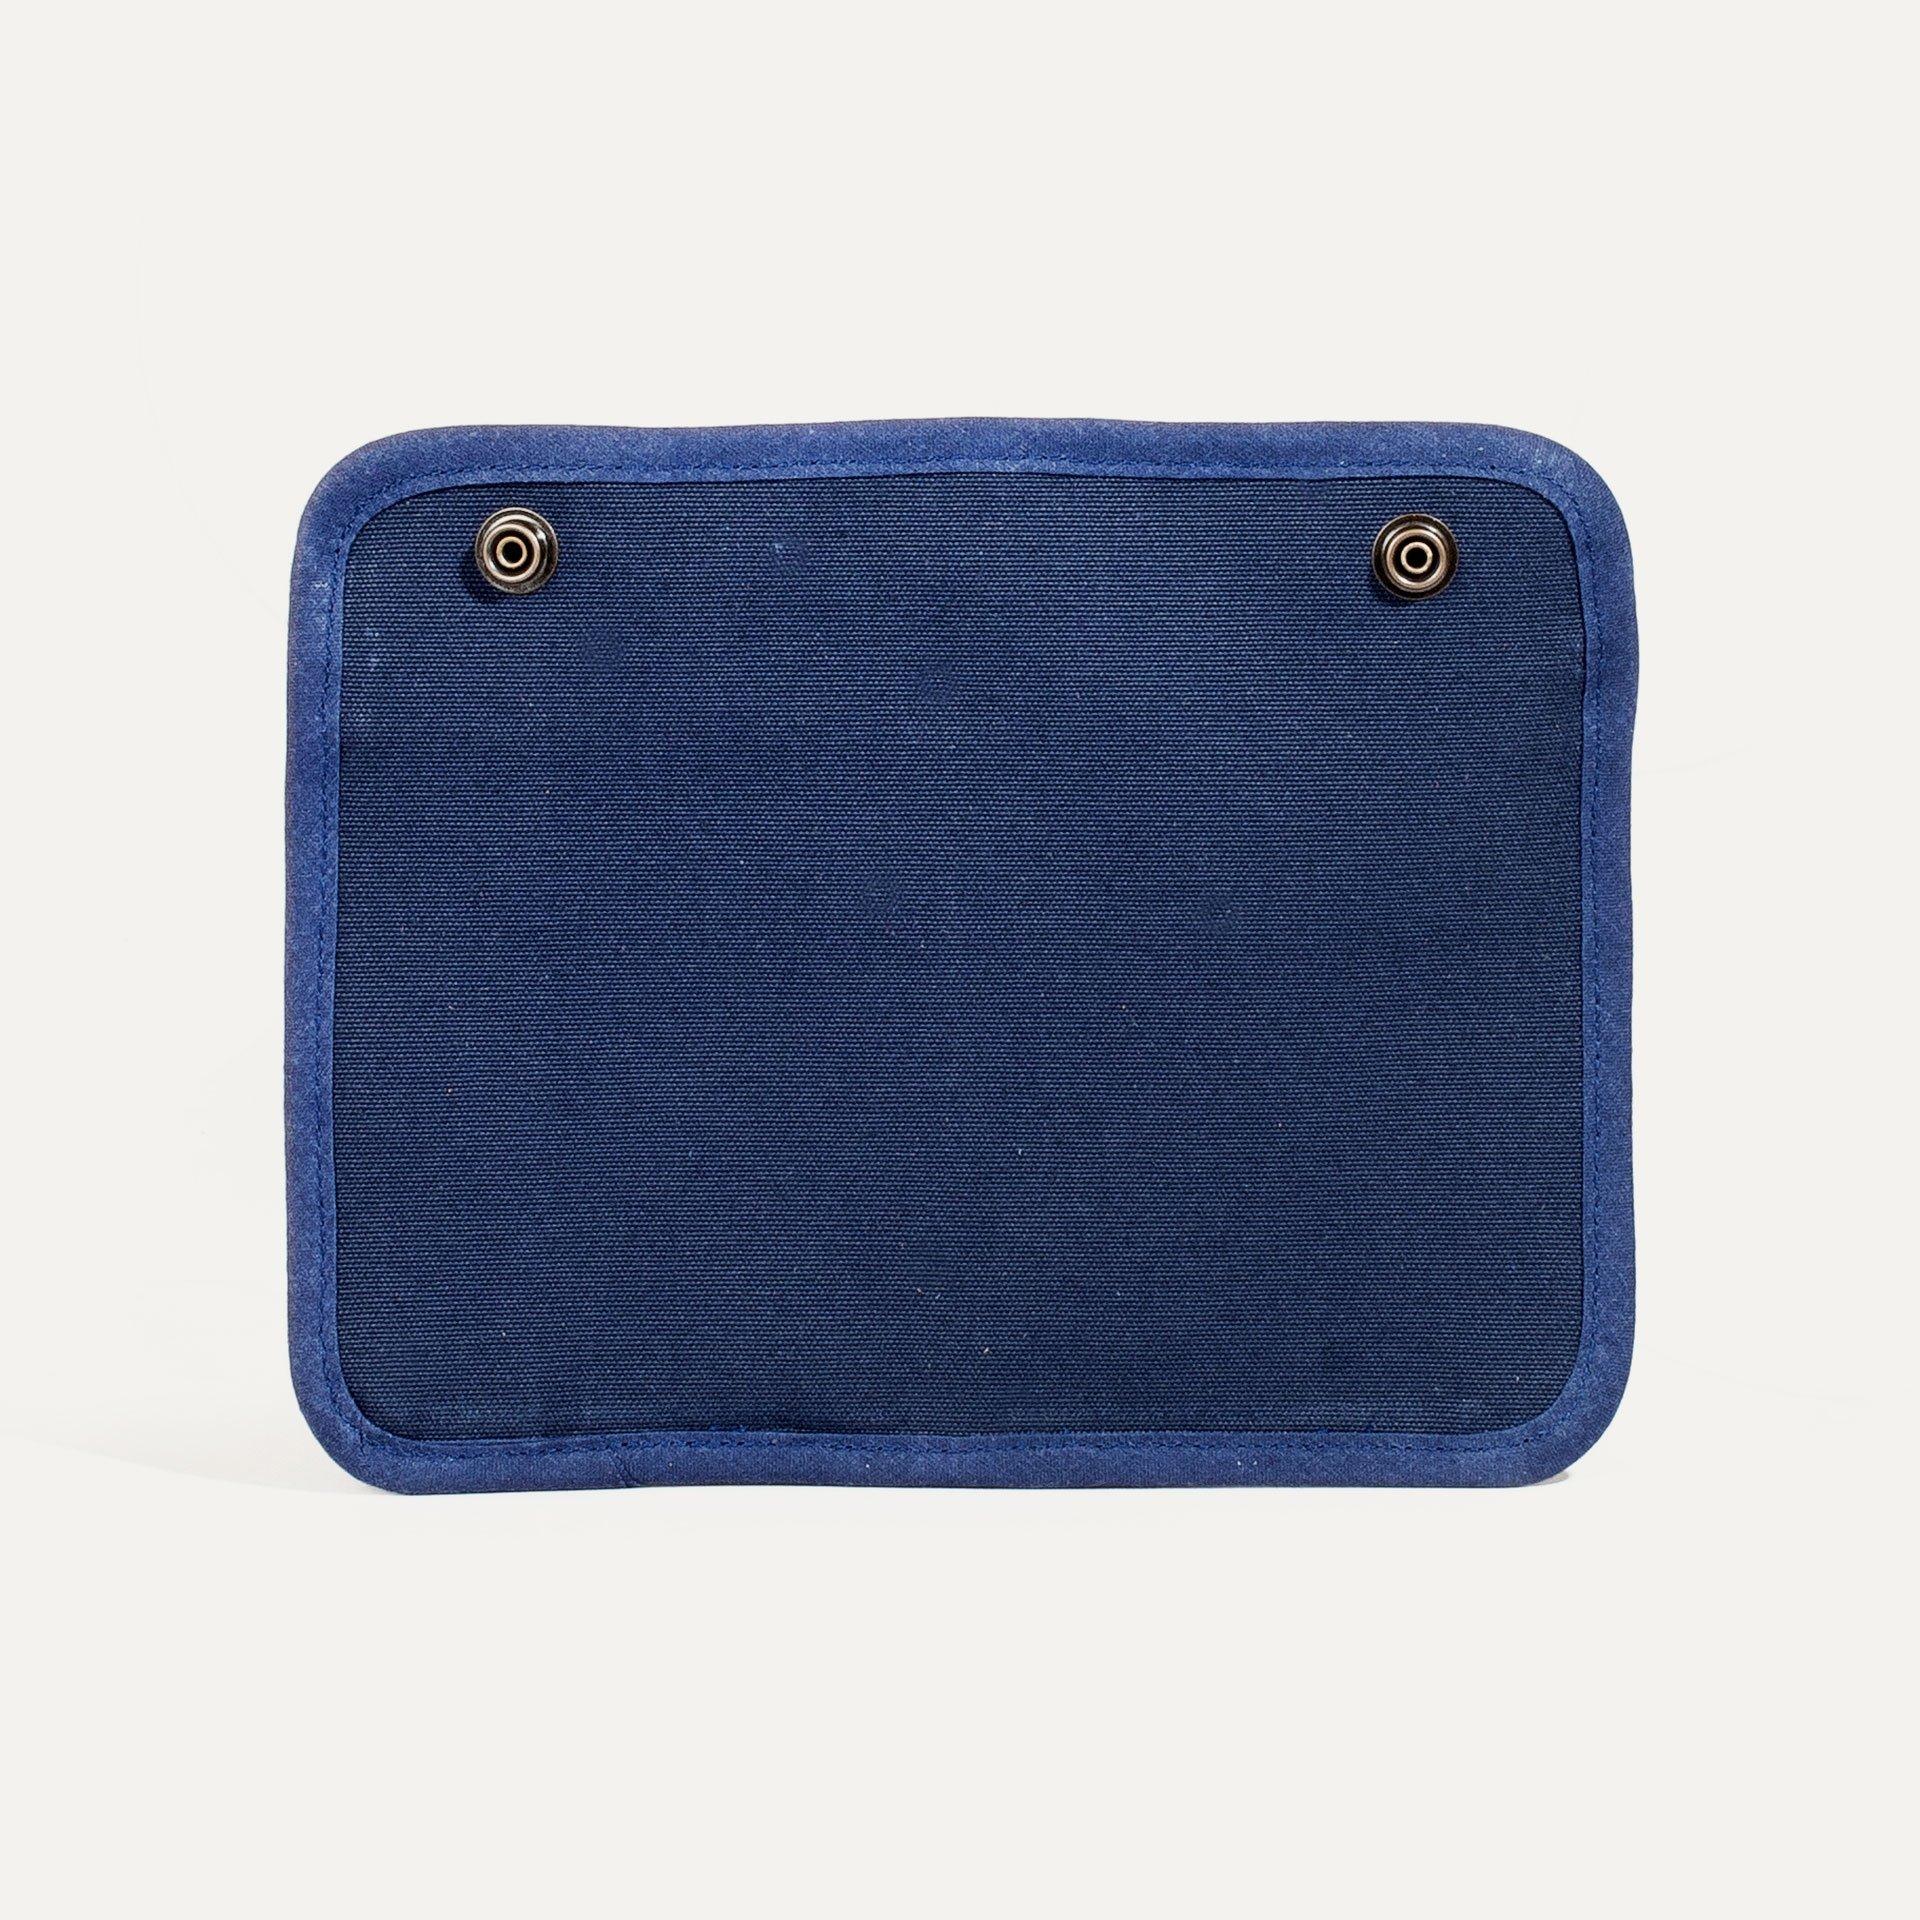 Poche multicompartiments - Bleu (image n°2)